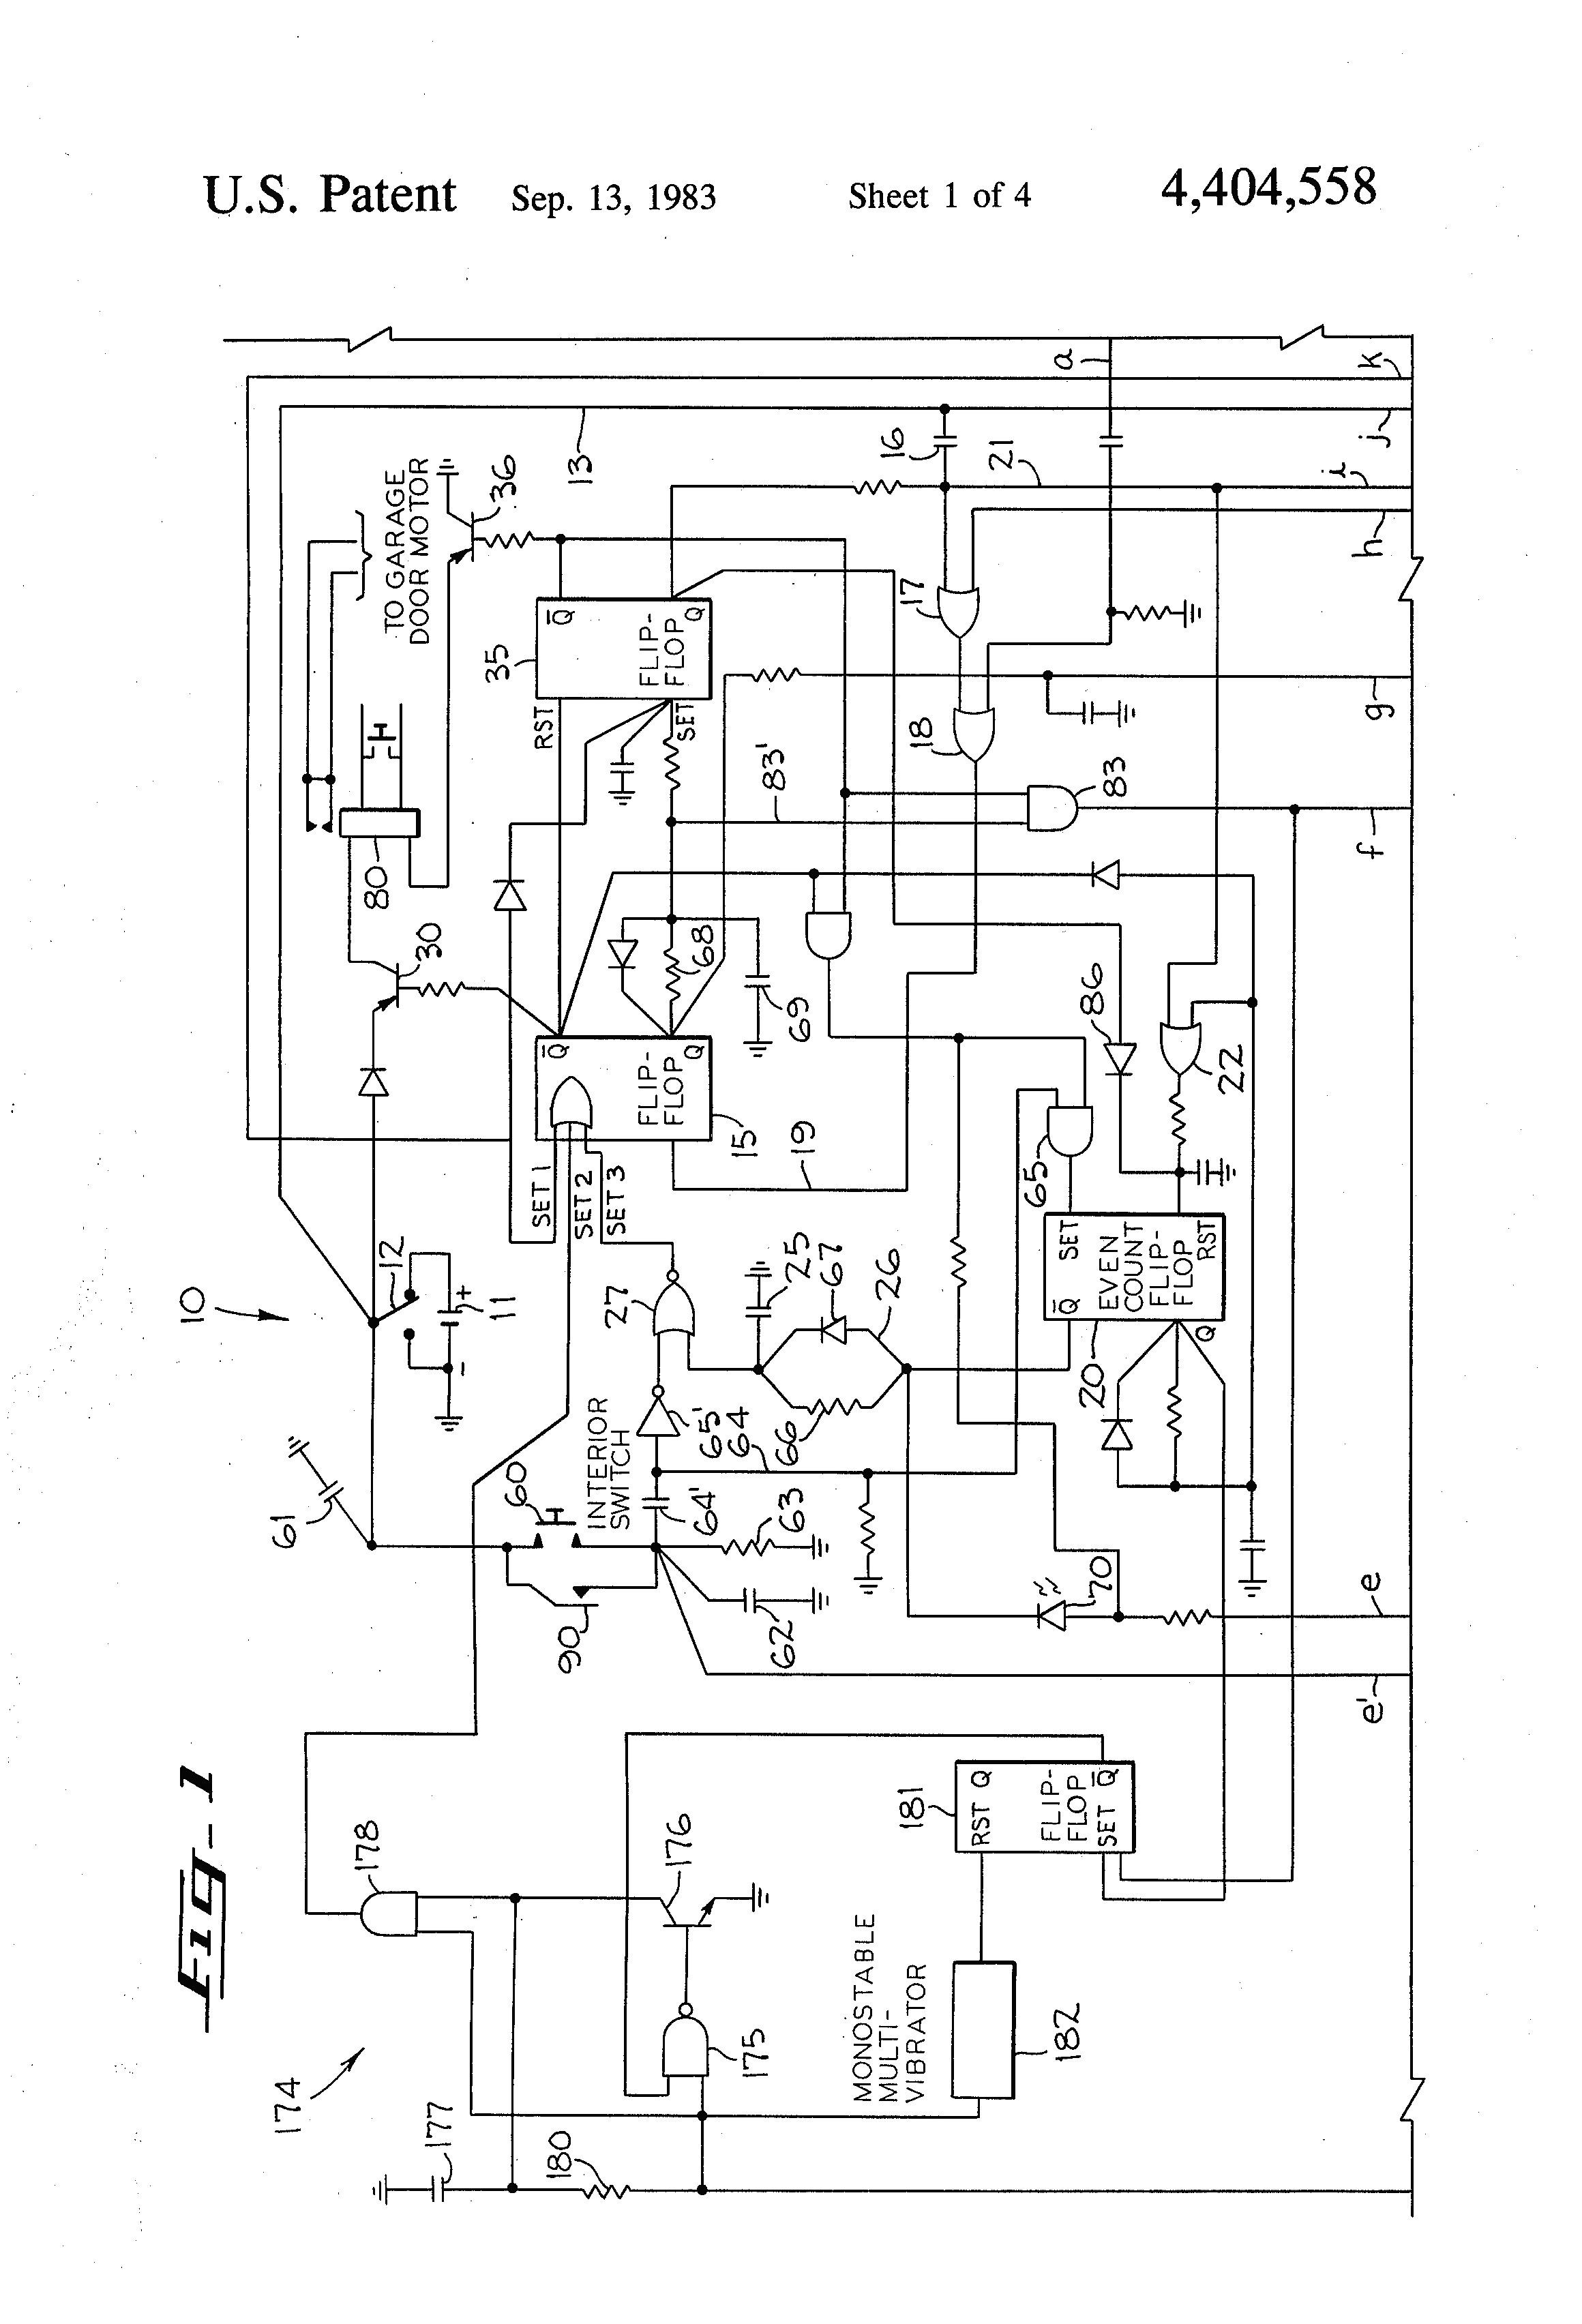 craftsman garage door opener sensor wiring diagram - craftsman garage door  opener sensor wiring diagram best